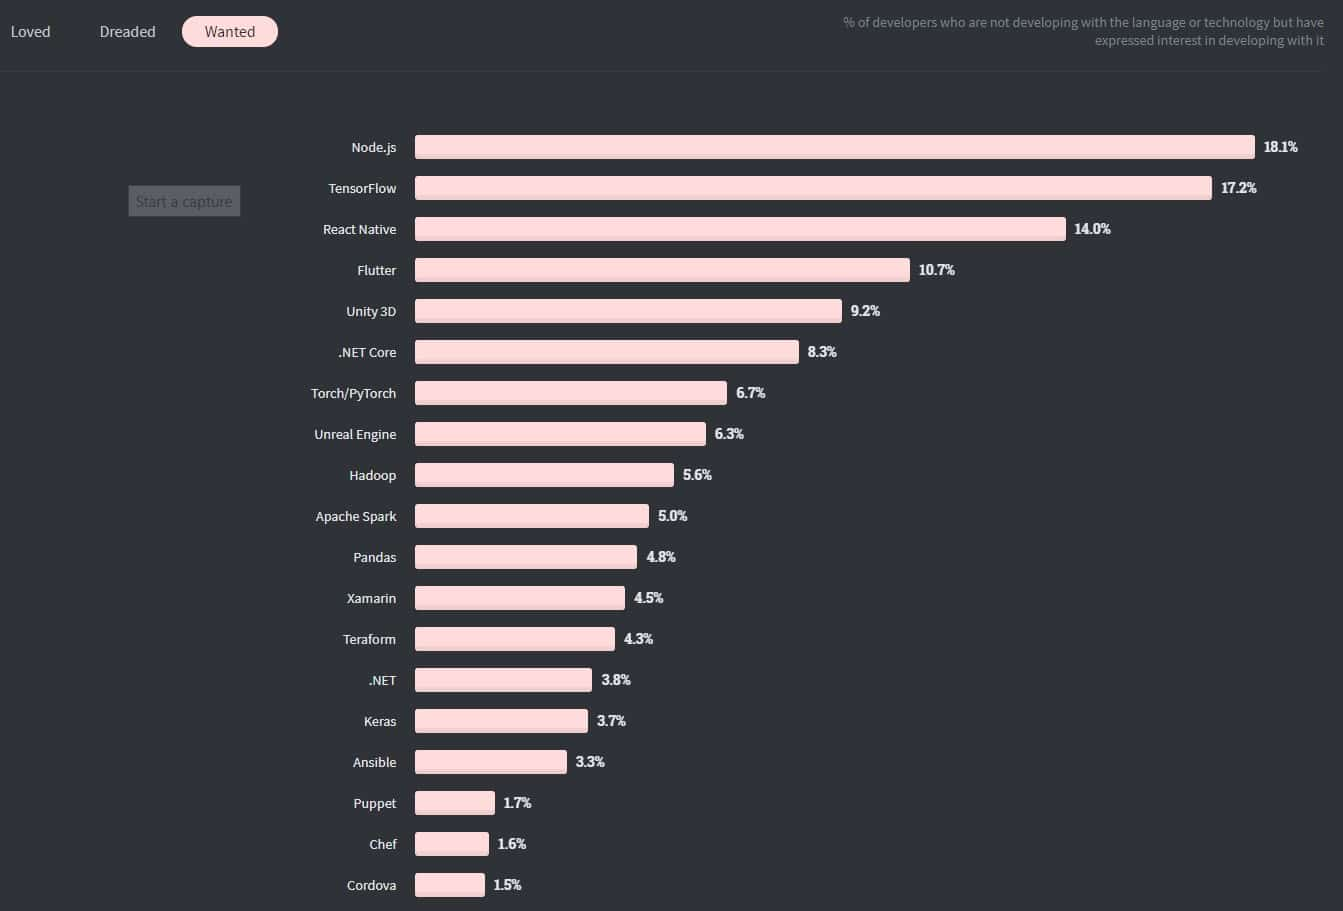 Developer Interest In Learning Flutter vs React Native from the StackOverFlow Developer Survey 2020